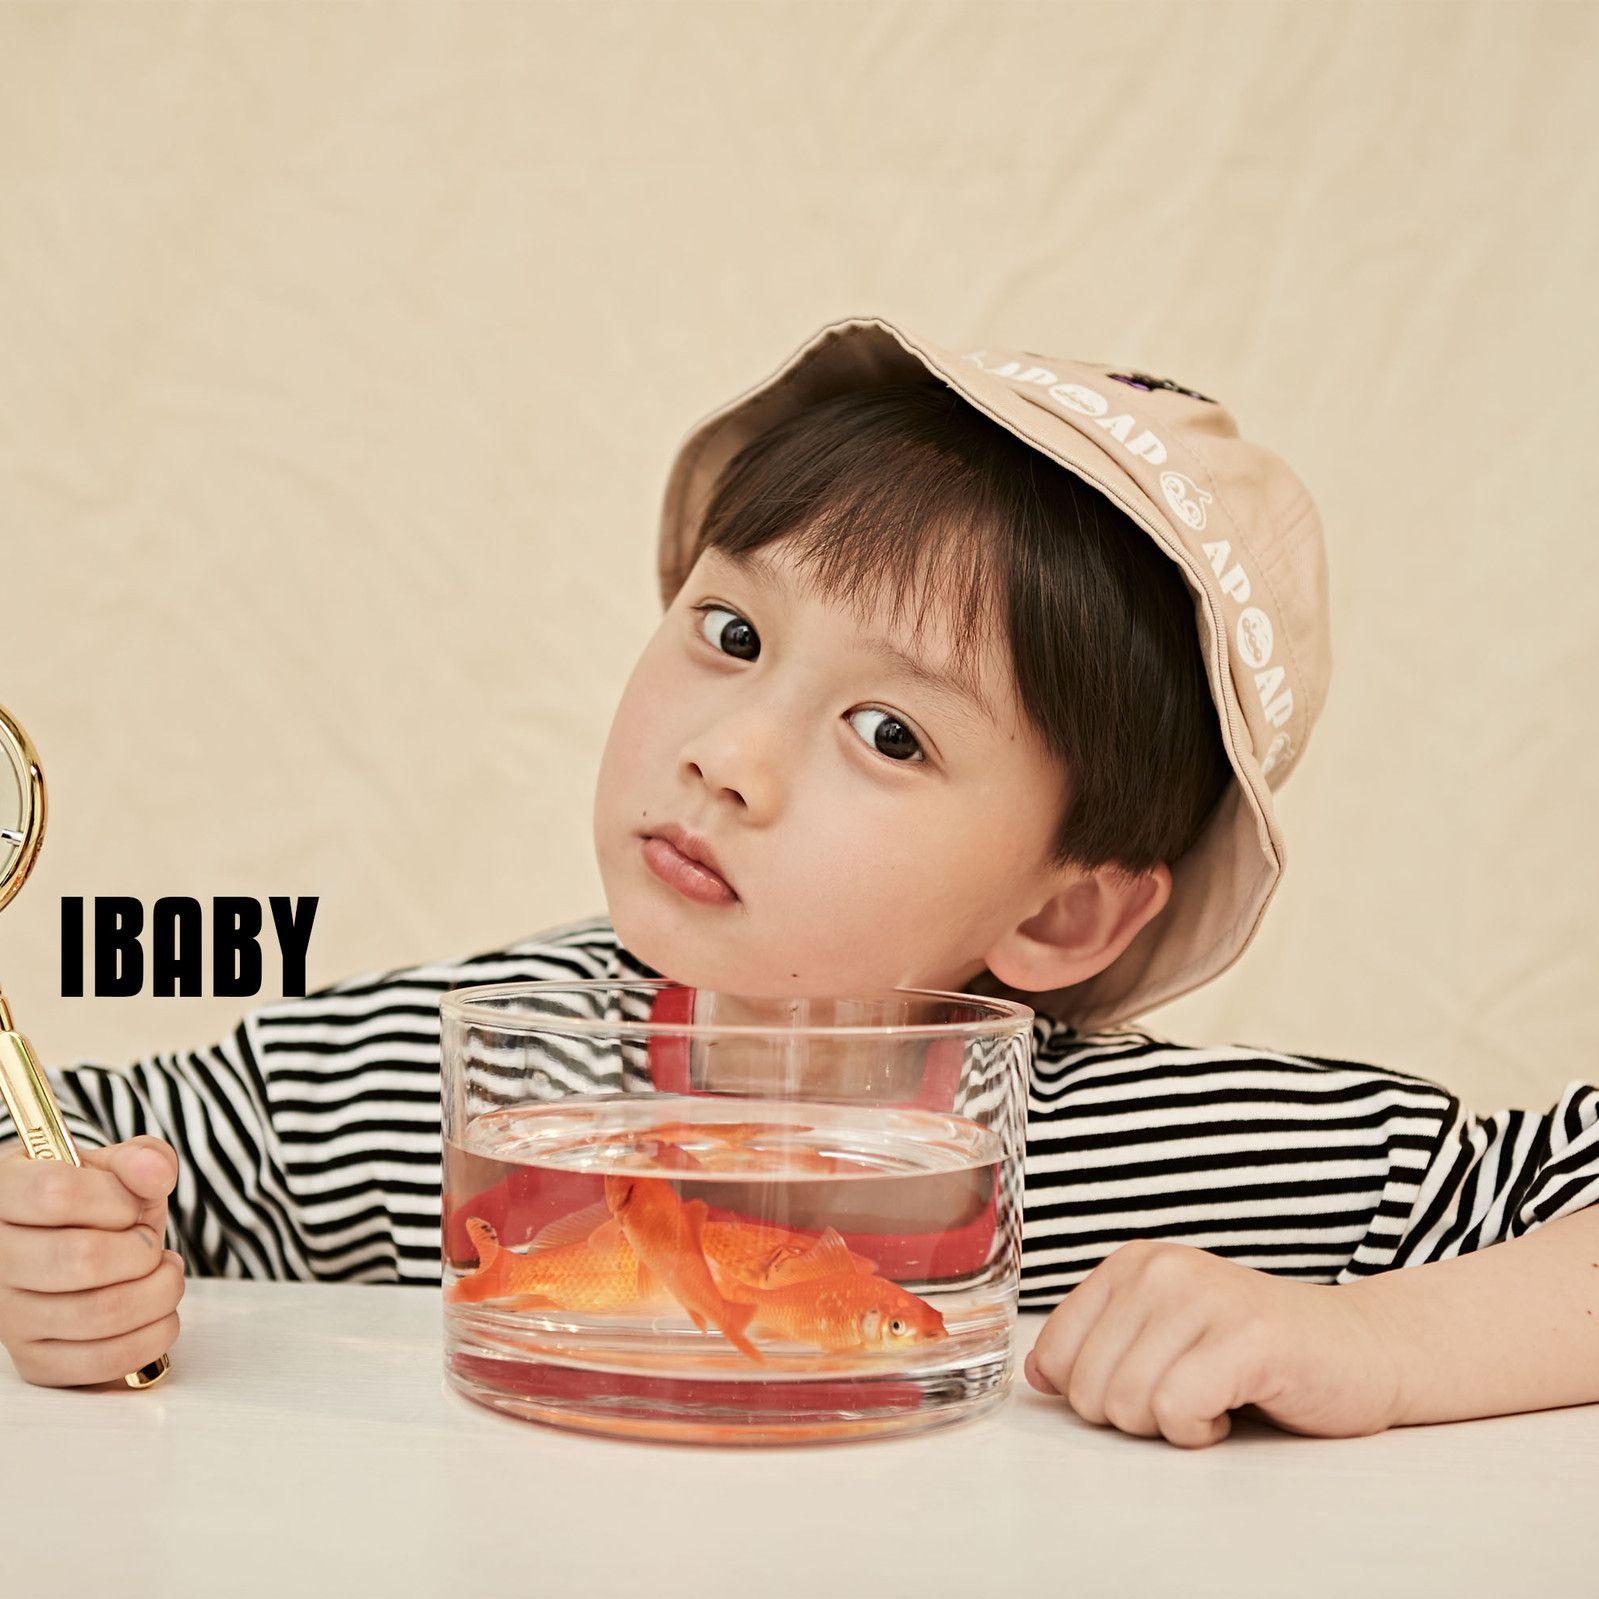 上海服务最好的十大儿童摄影排名